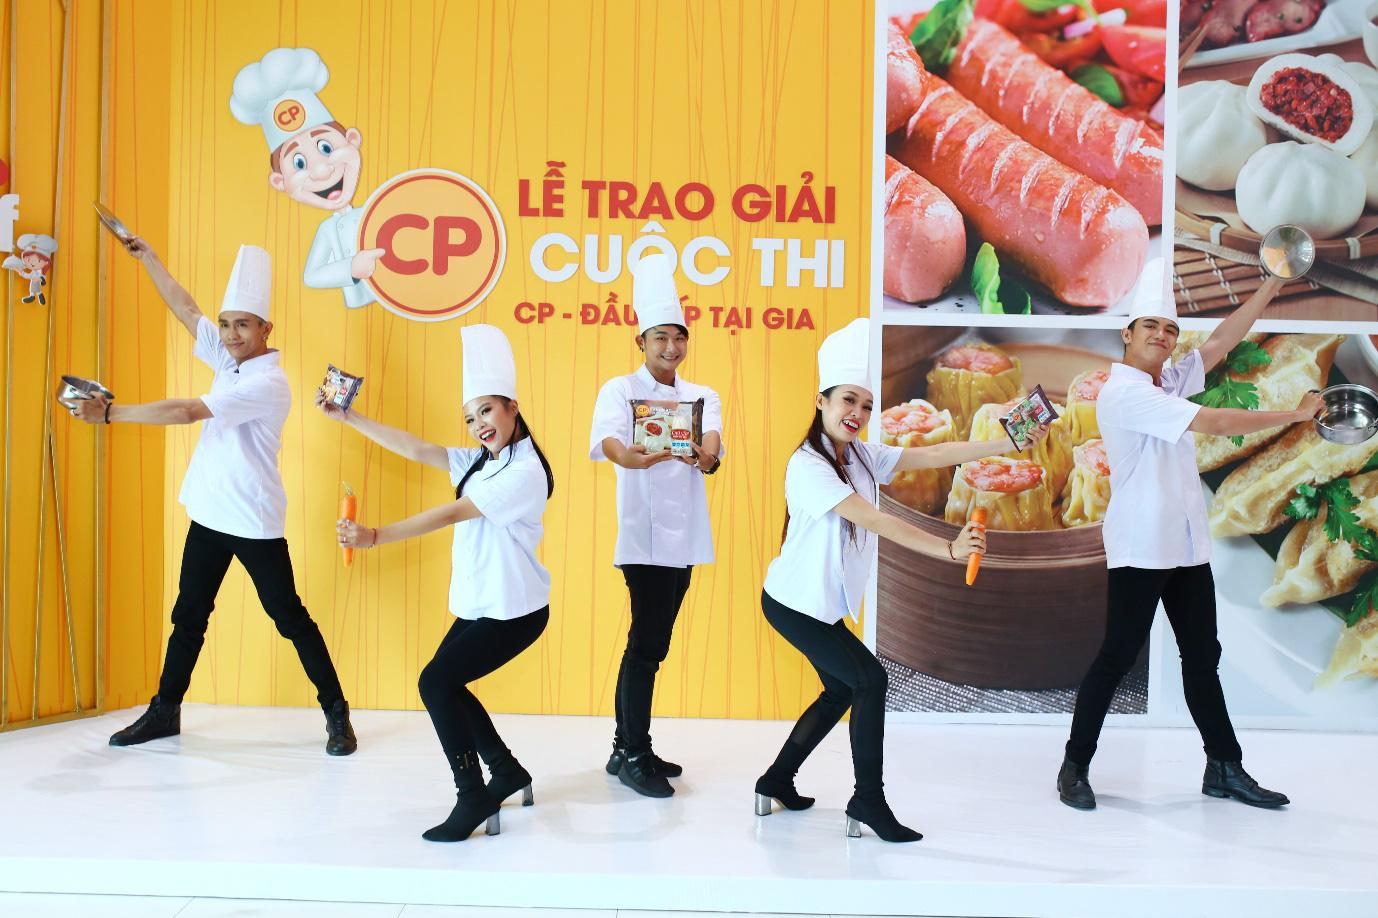 """CPFoods đã tìm ra chủ nhân của giải thưởng """"CP – Đầu bếp tại gia"""" - Ảnh 2."""